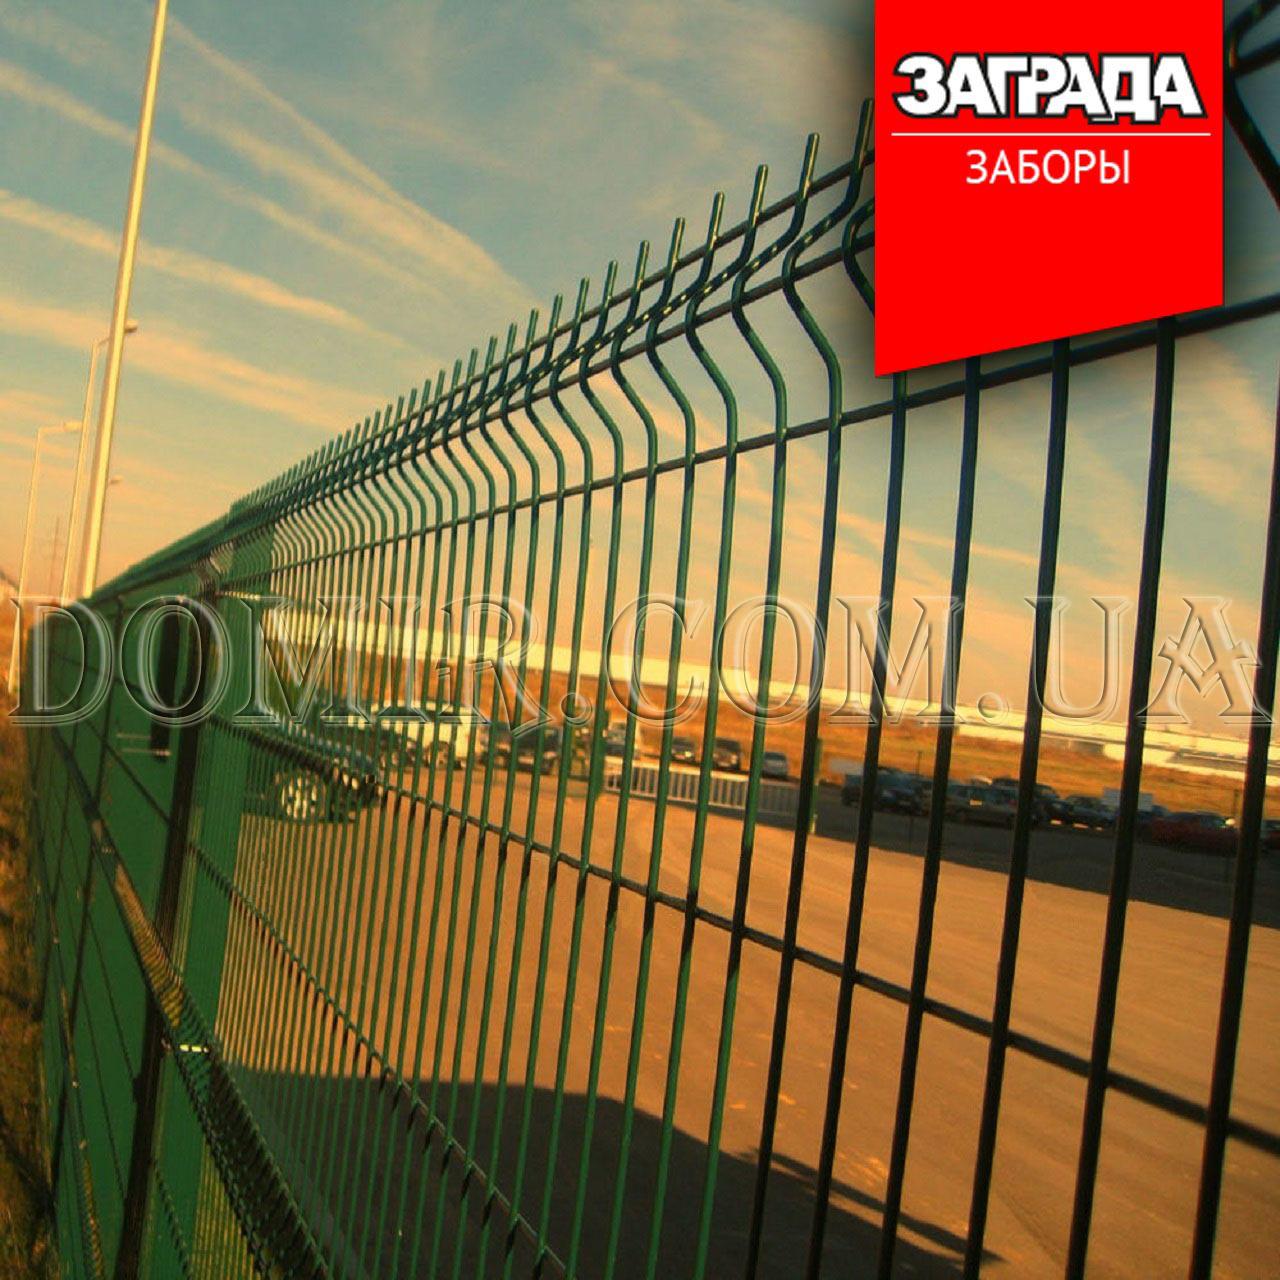 Забор секционный из сварной сетки в полимерном покрытии Заграда™